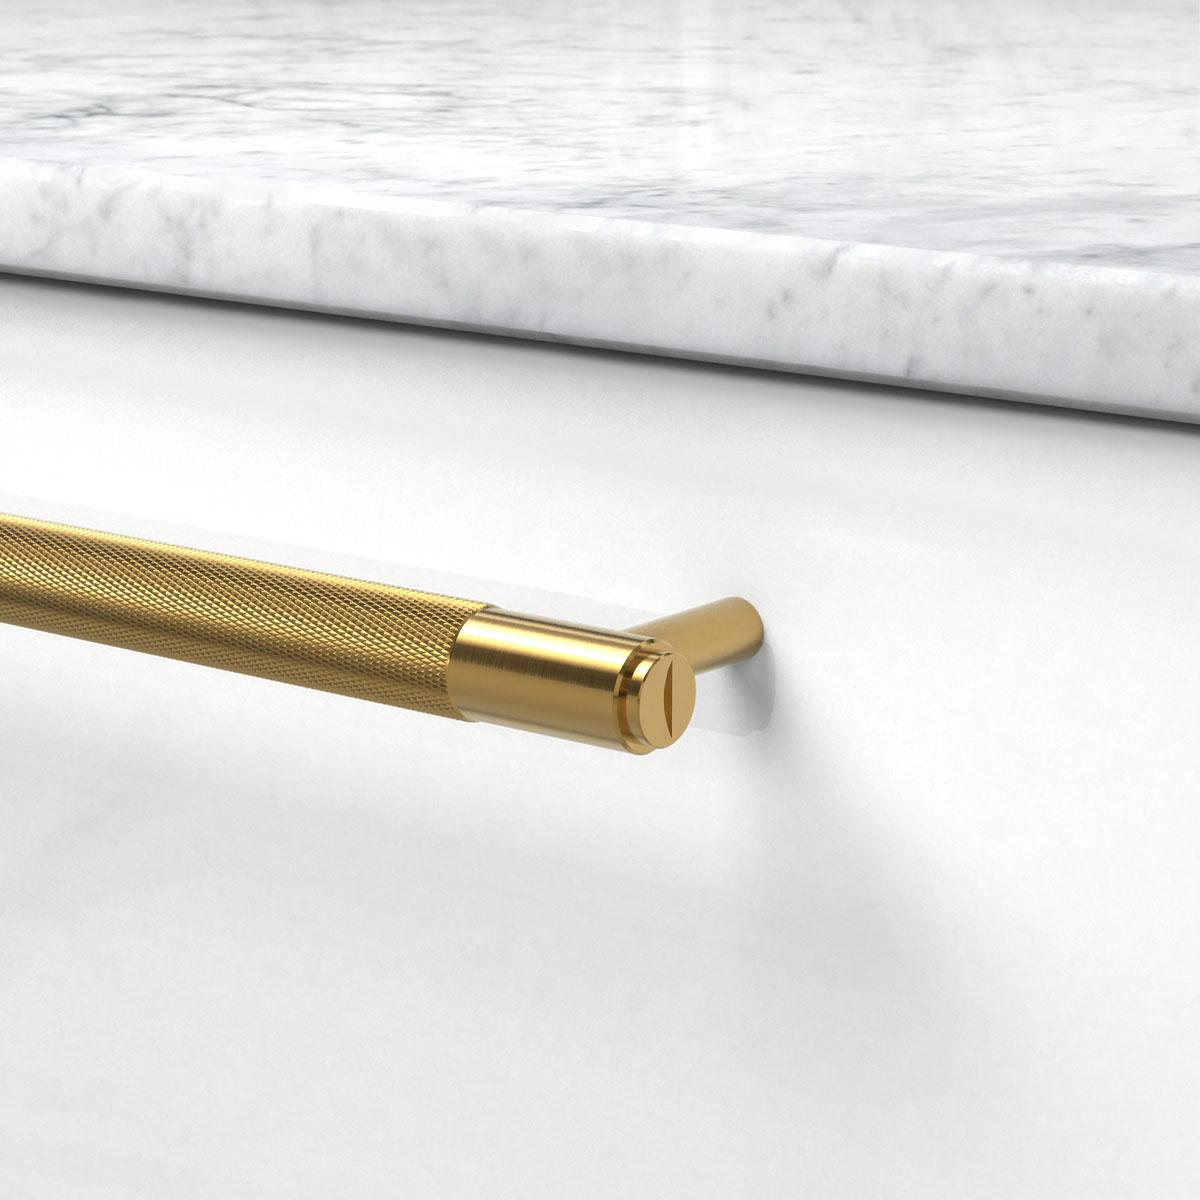 pull bar massing uk pb h 260 br a cc 225 mm ncs s 0300 n marmor carrara detalj